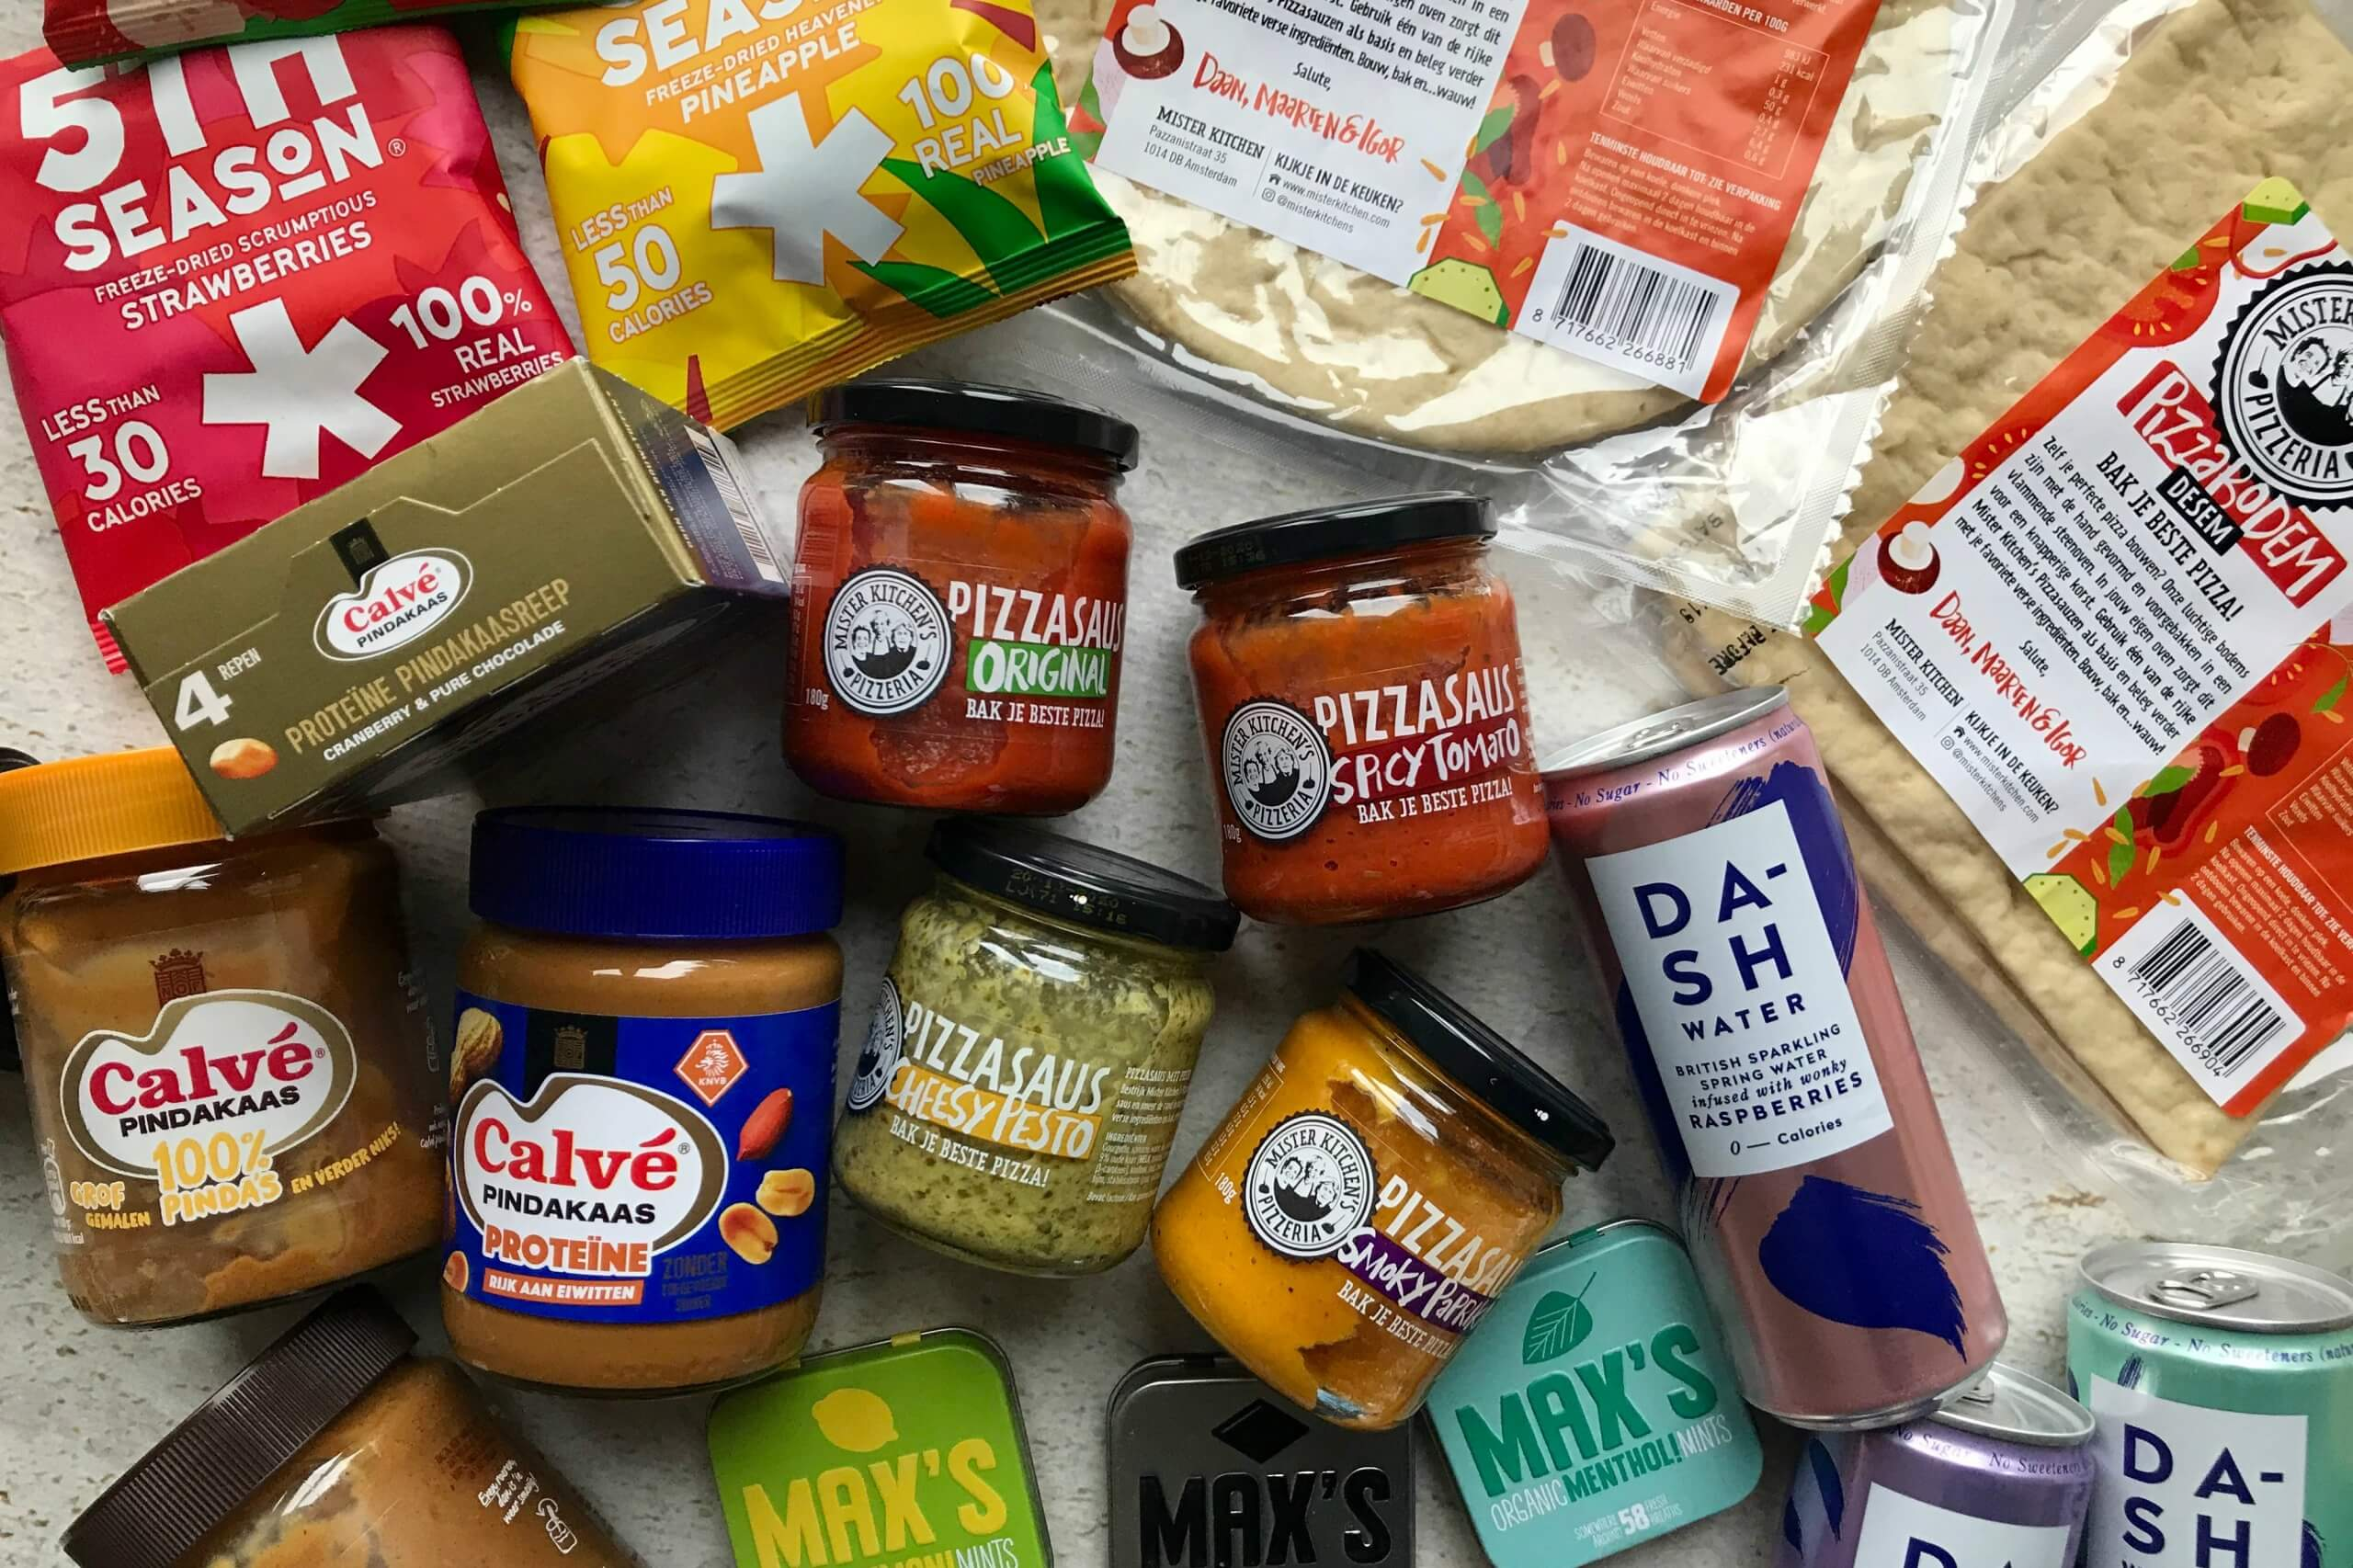 Nieuwe vegetarische producten om te proberen #56